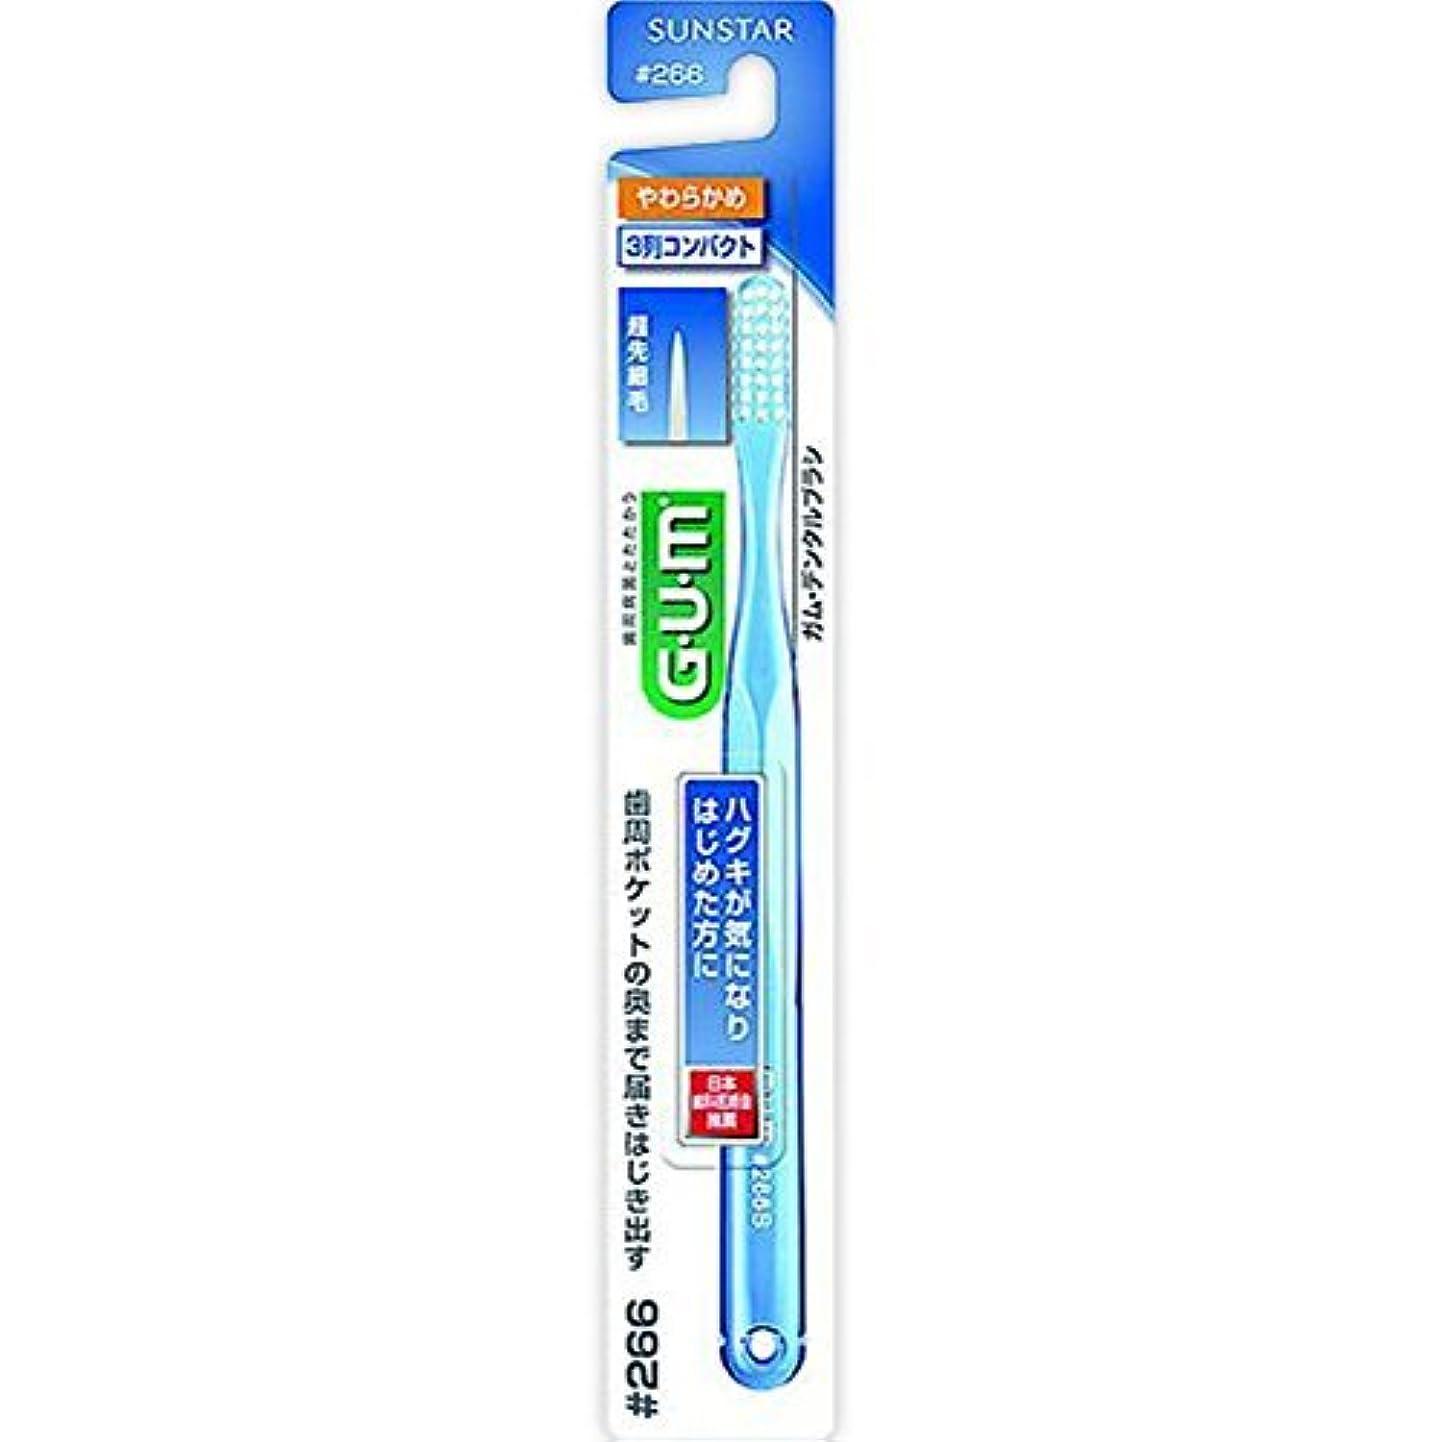 摘む平和な肝【まとめ買い】GUM デンタルブラシ コンパクトヘッド ウルトラソフト #266 ×2セット